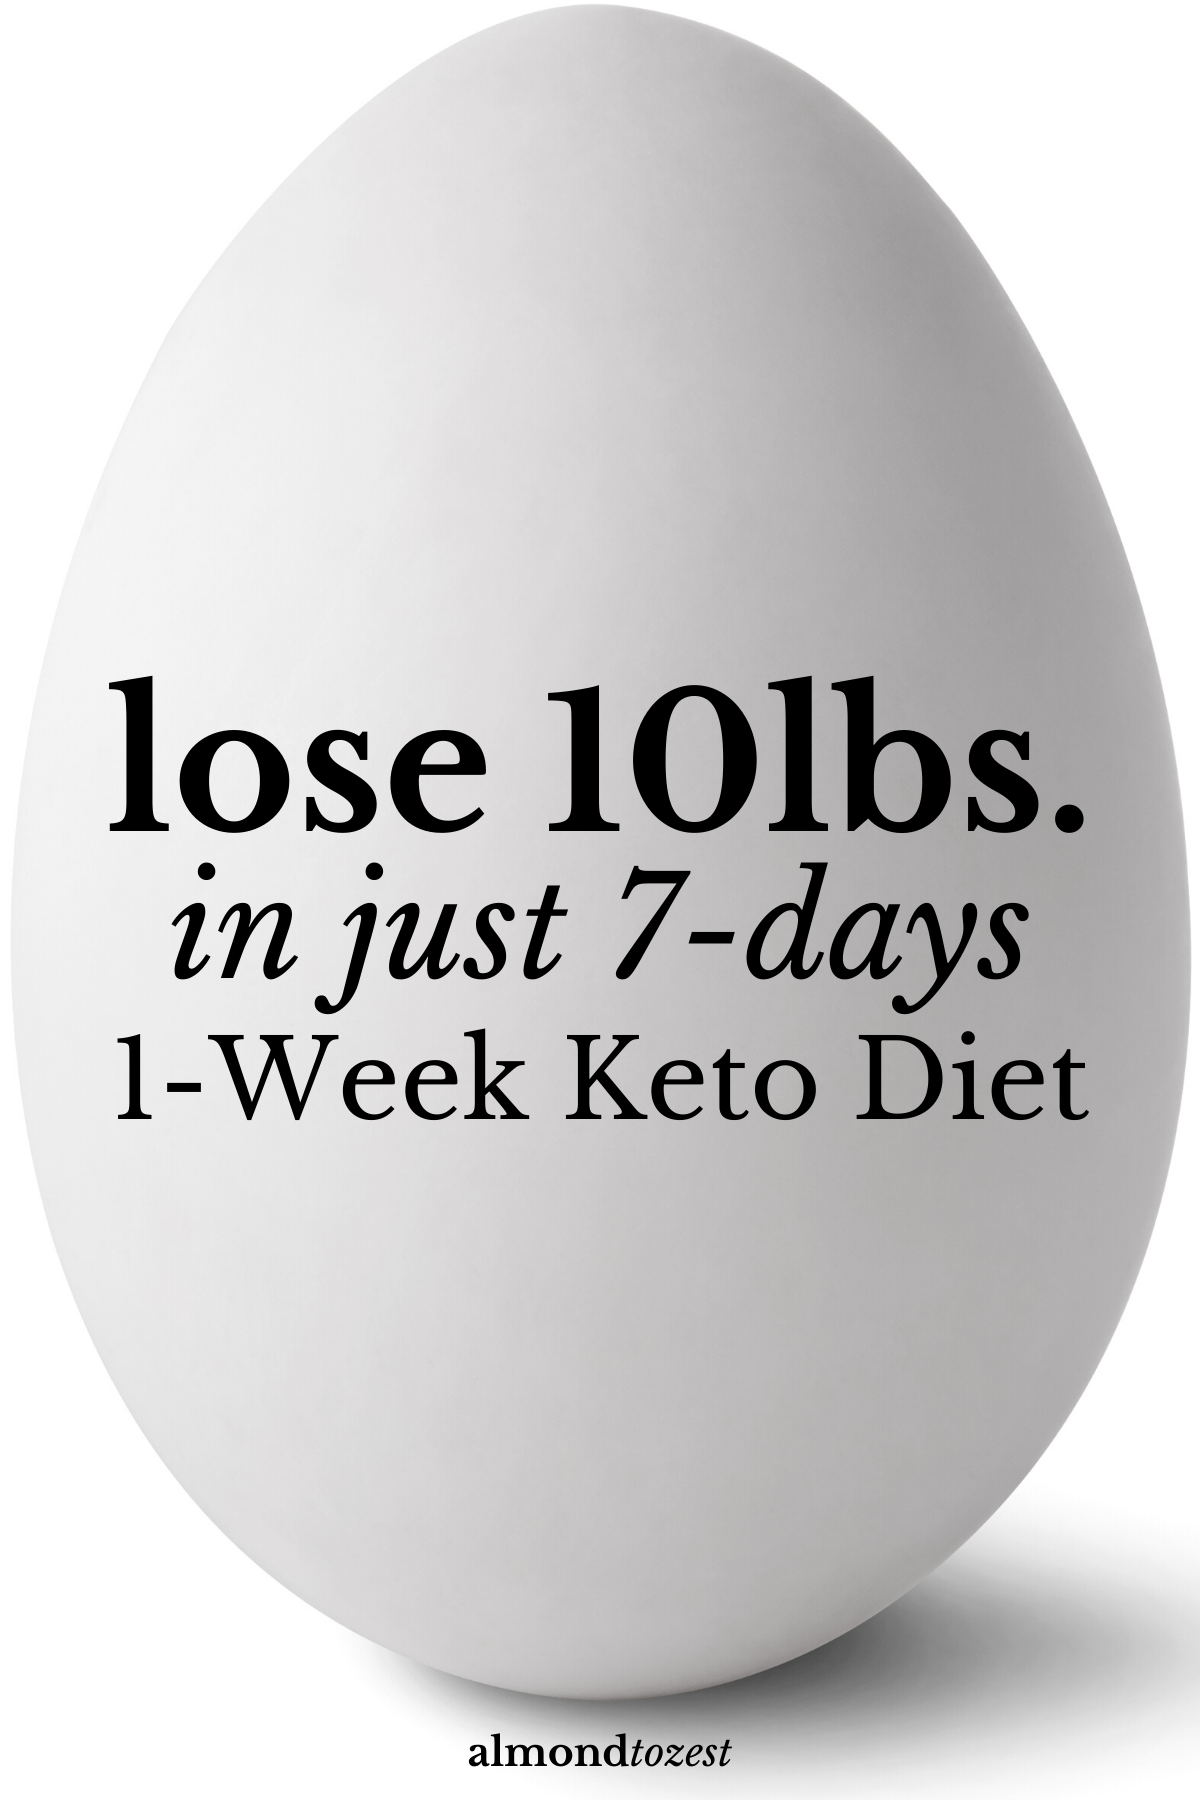 Photo of 7-Day Keto Diet Menu to Lose 10 Lbs in 1 Week